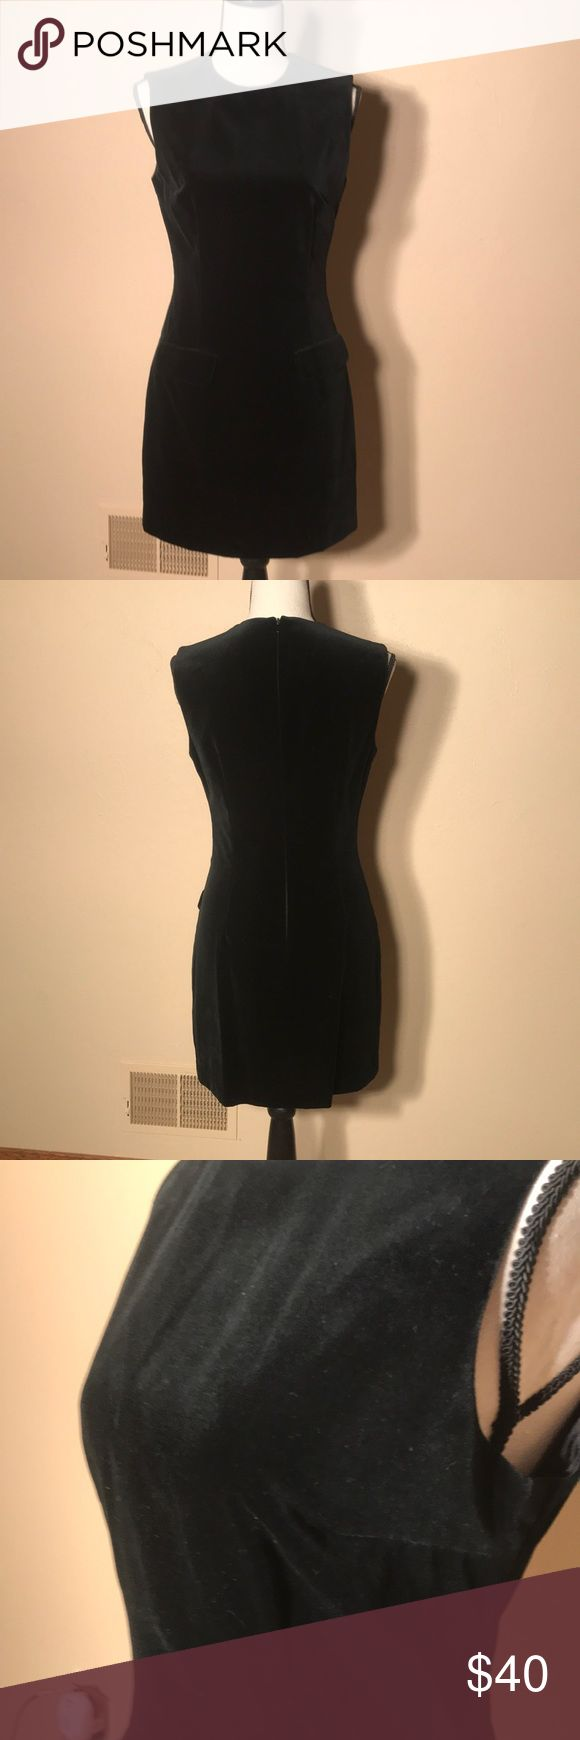 Women's black velvet sleeveless dress Women's black velvet sleeveless dress Guess Dresses Mini